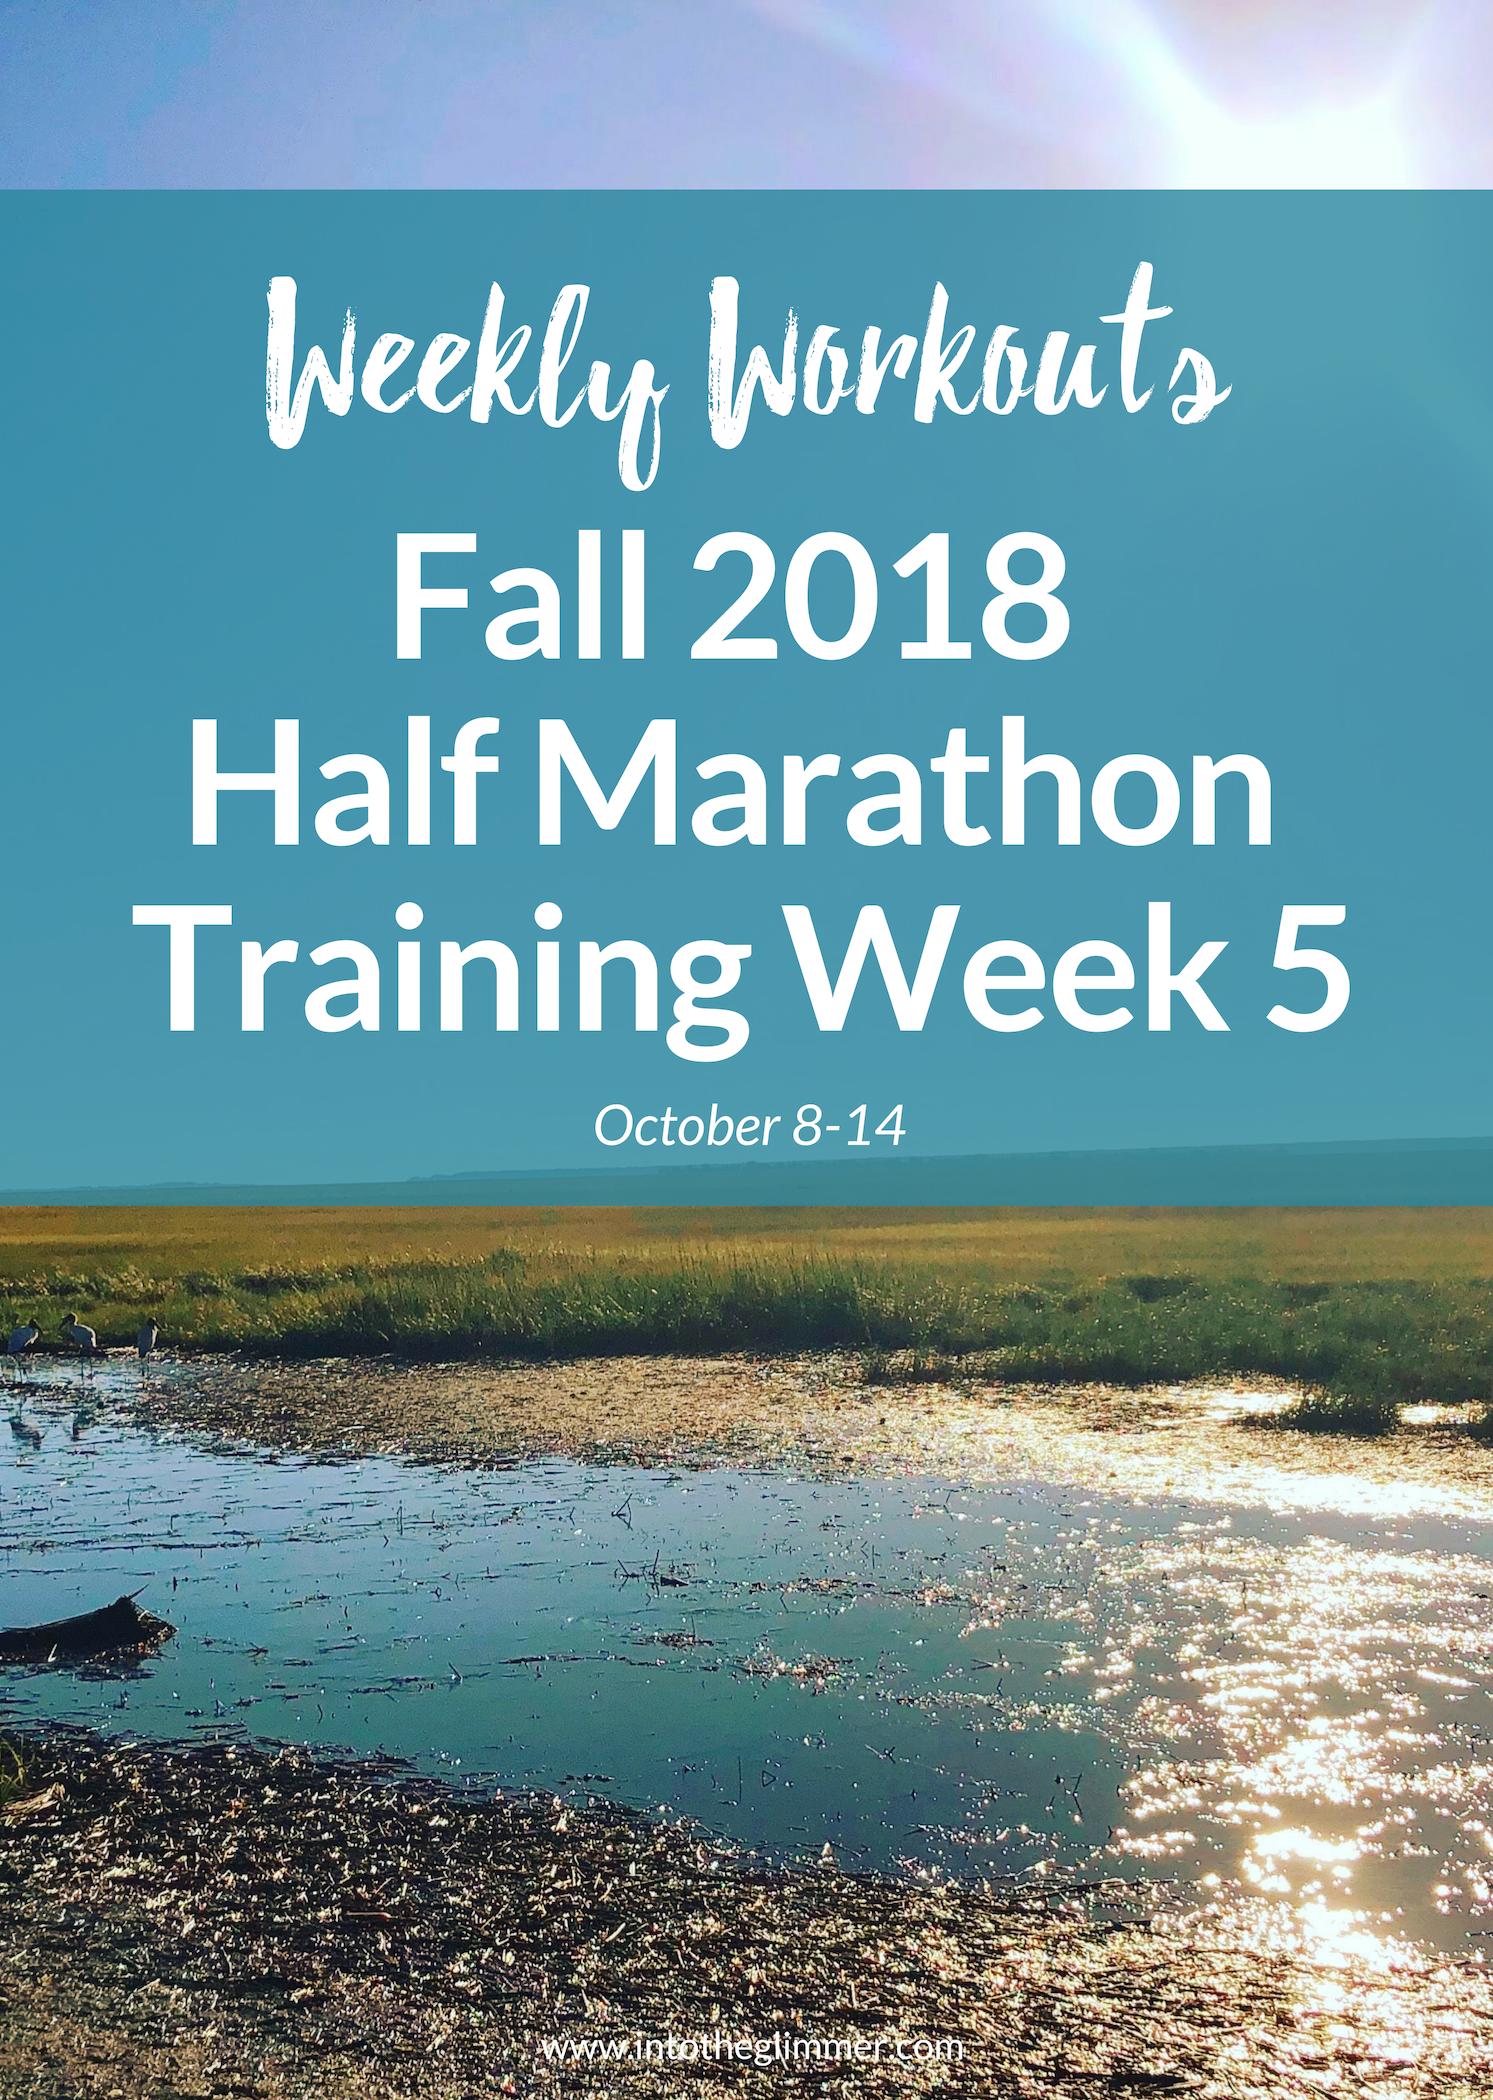 weekly workouts fall 2018 half marathon training week 5